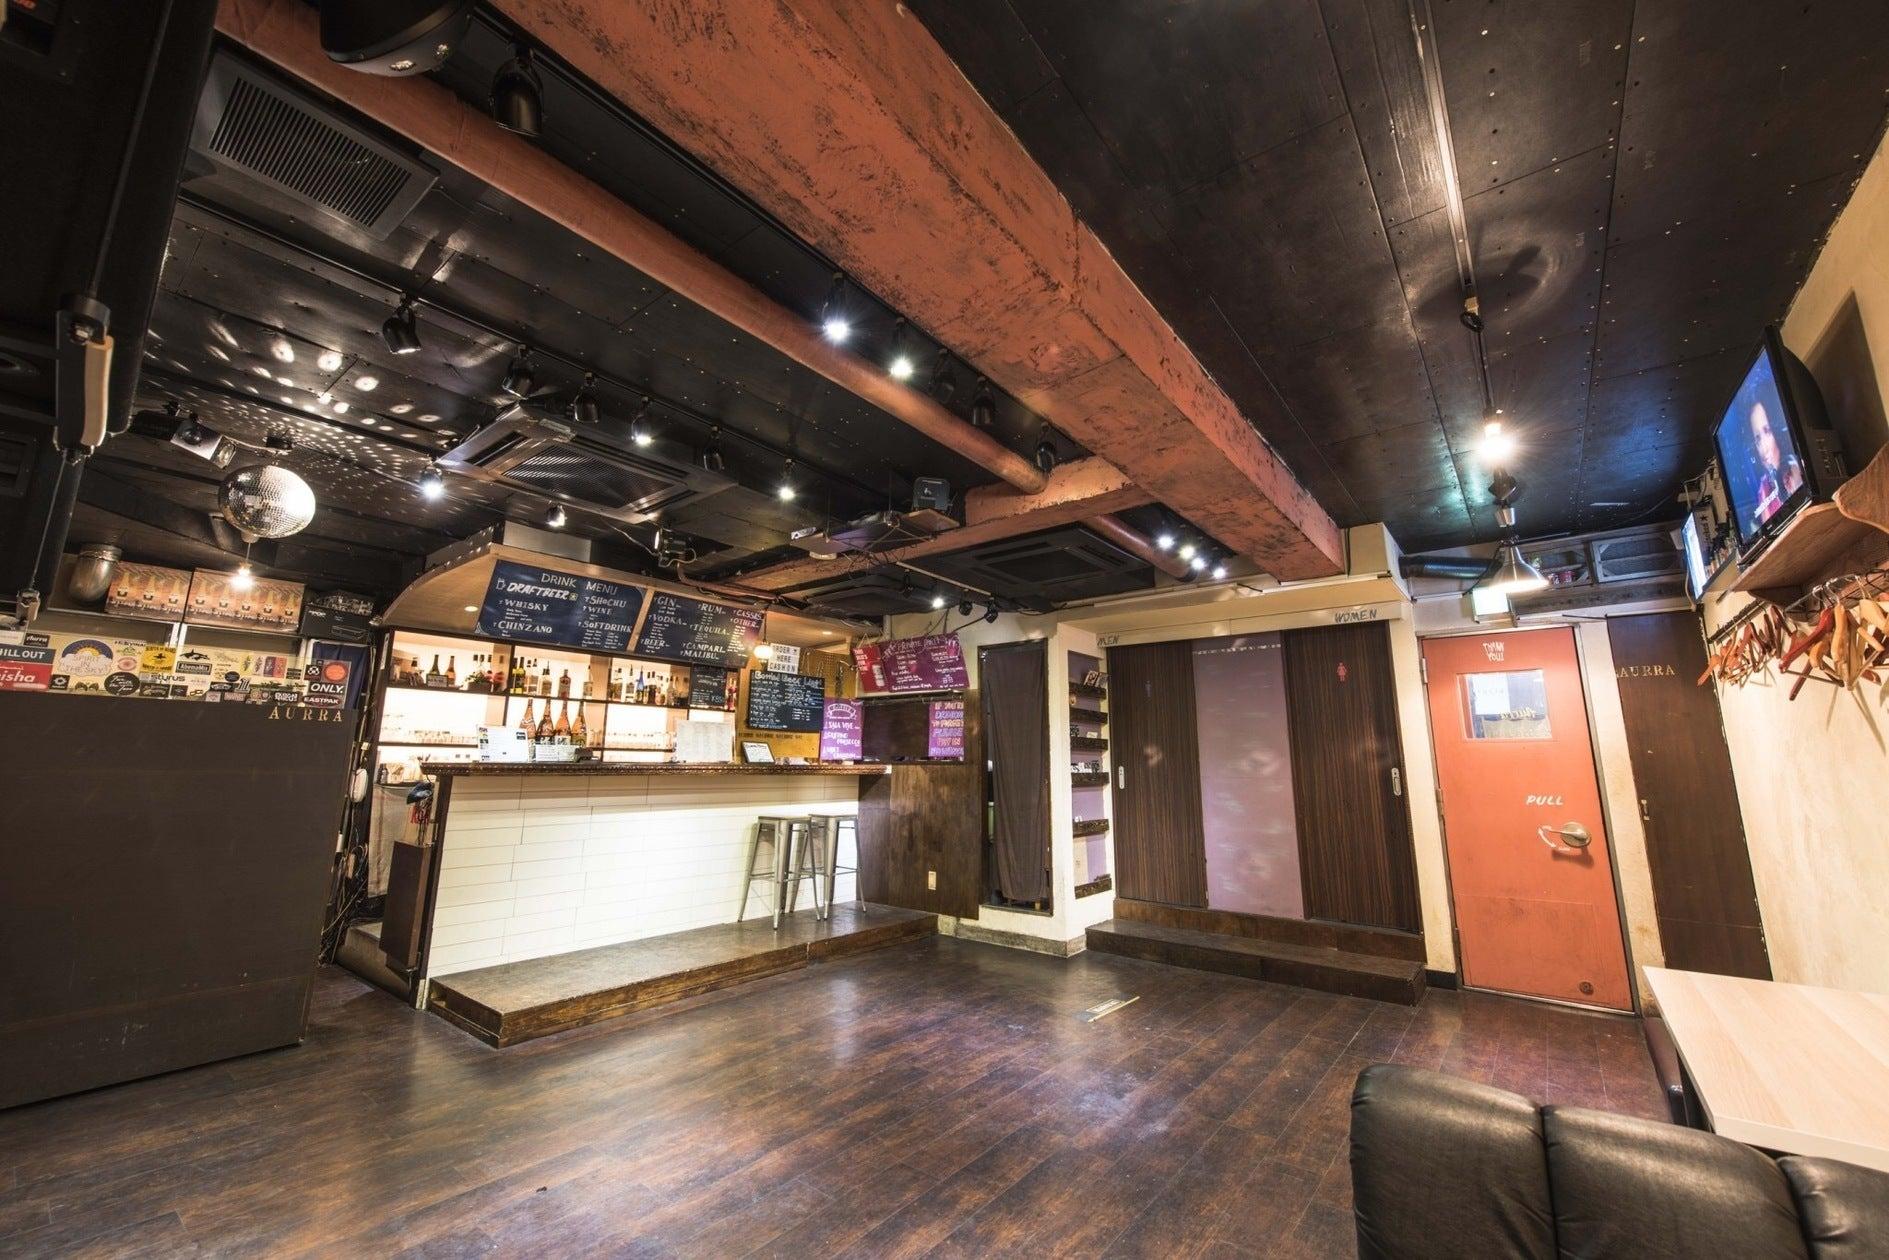 渋谷駅徒歩3分!貸切パーティースペース【Aurra】/ DJ機材、音響機材、プロジェクター完備!備品利用無料! の写真